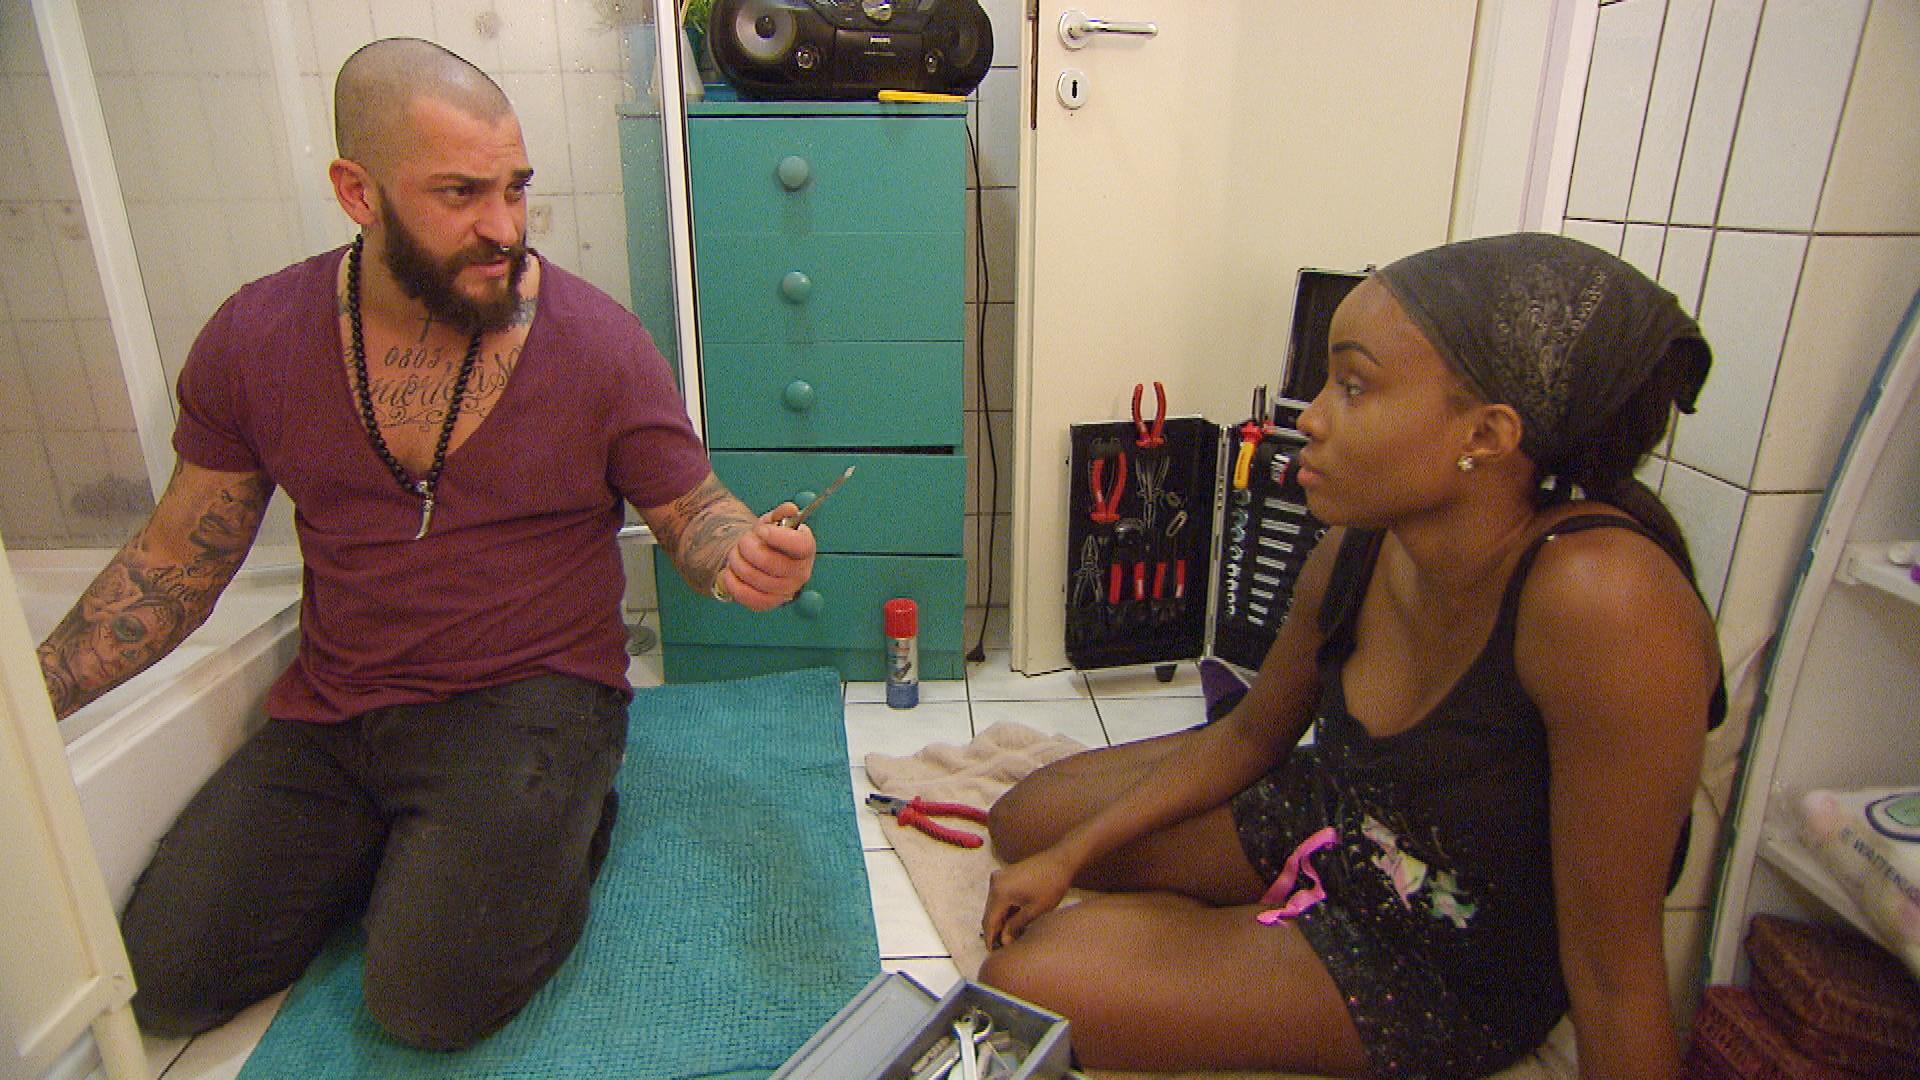 Als Michelle ein Ohrring in den Duschabfluss fällt, ruft sie in ihrer Not Bruno zur Hilfe. (Quelle: RTL 2)